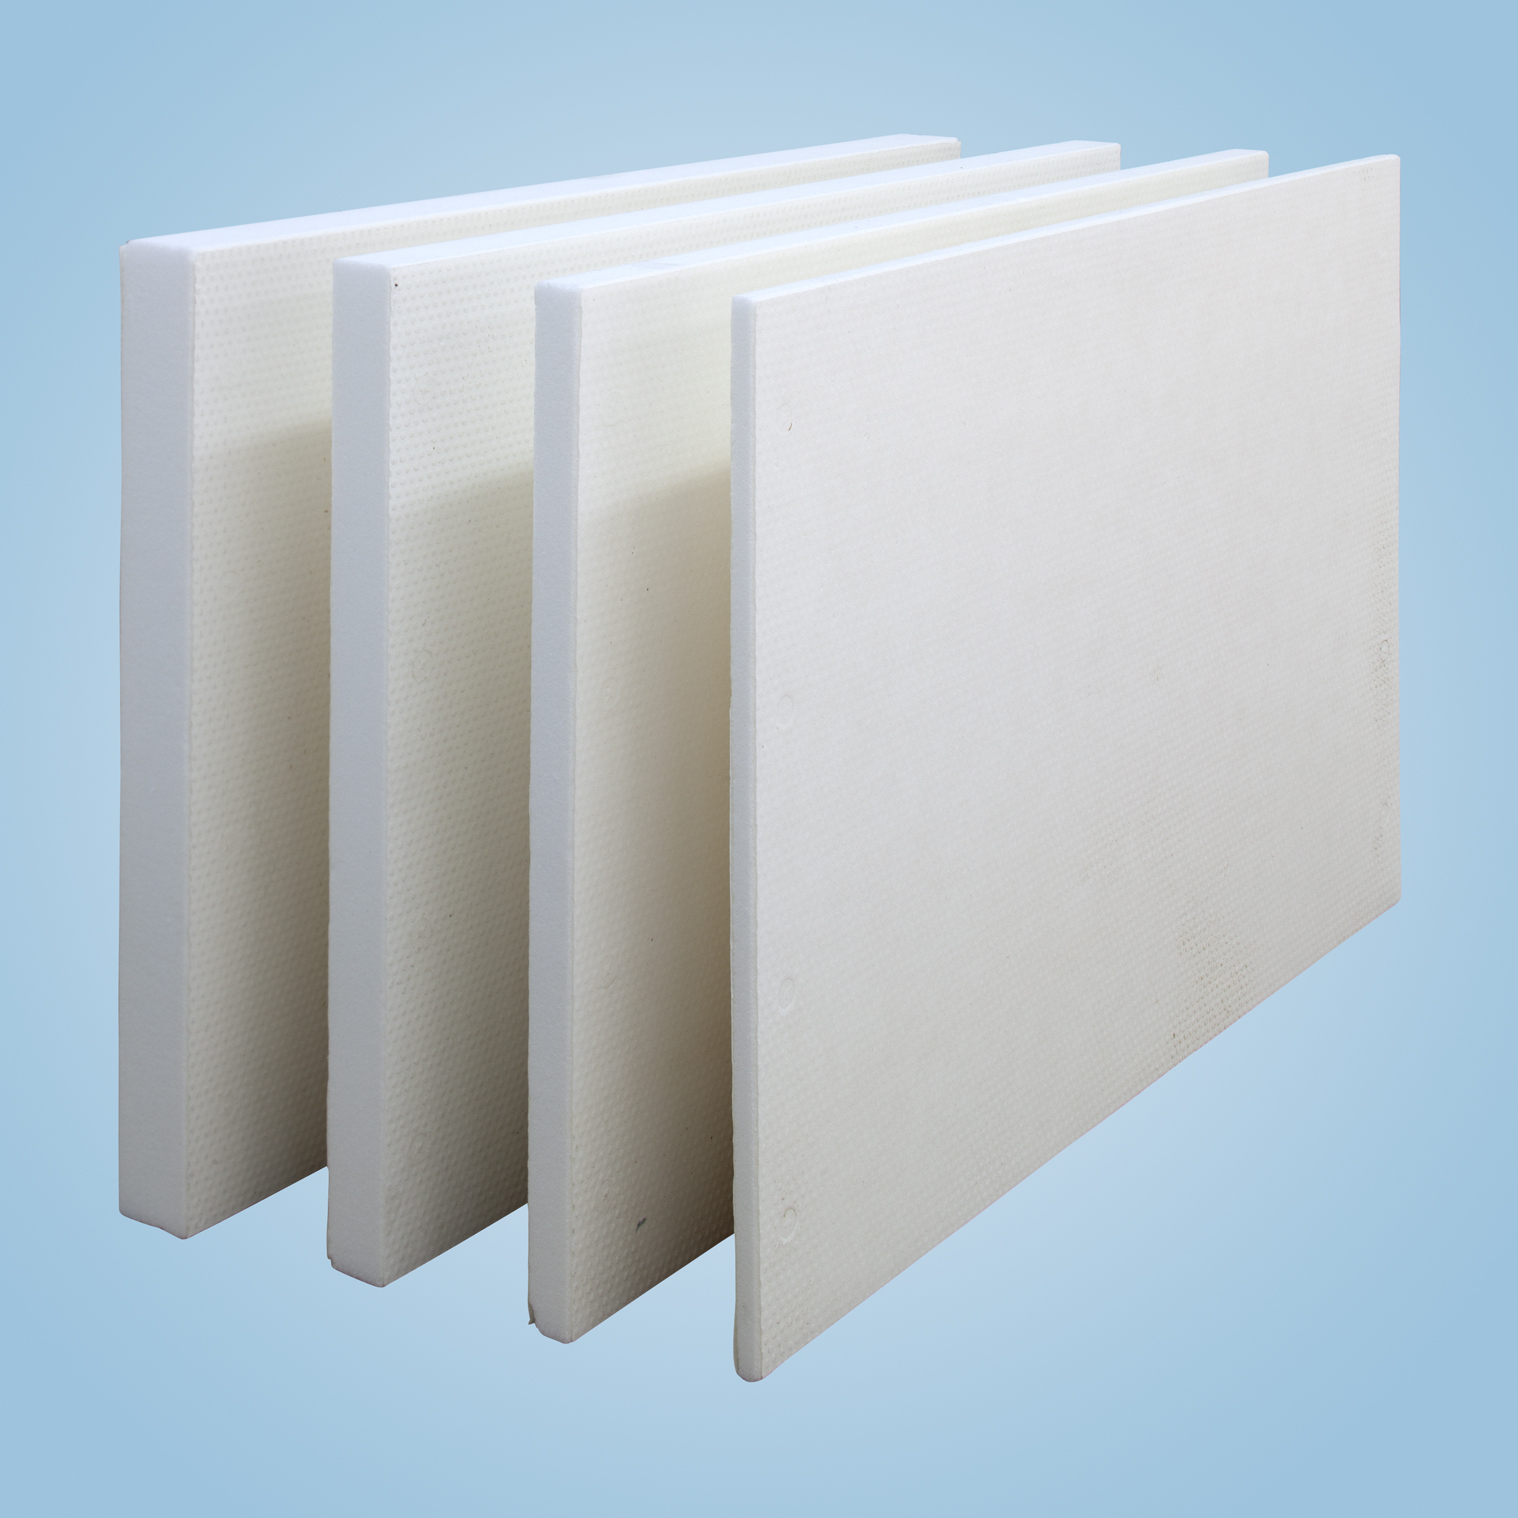 Pannelli aerogel vendita confortevole soggiorno nella casa - Pannelli isolanti termici ...